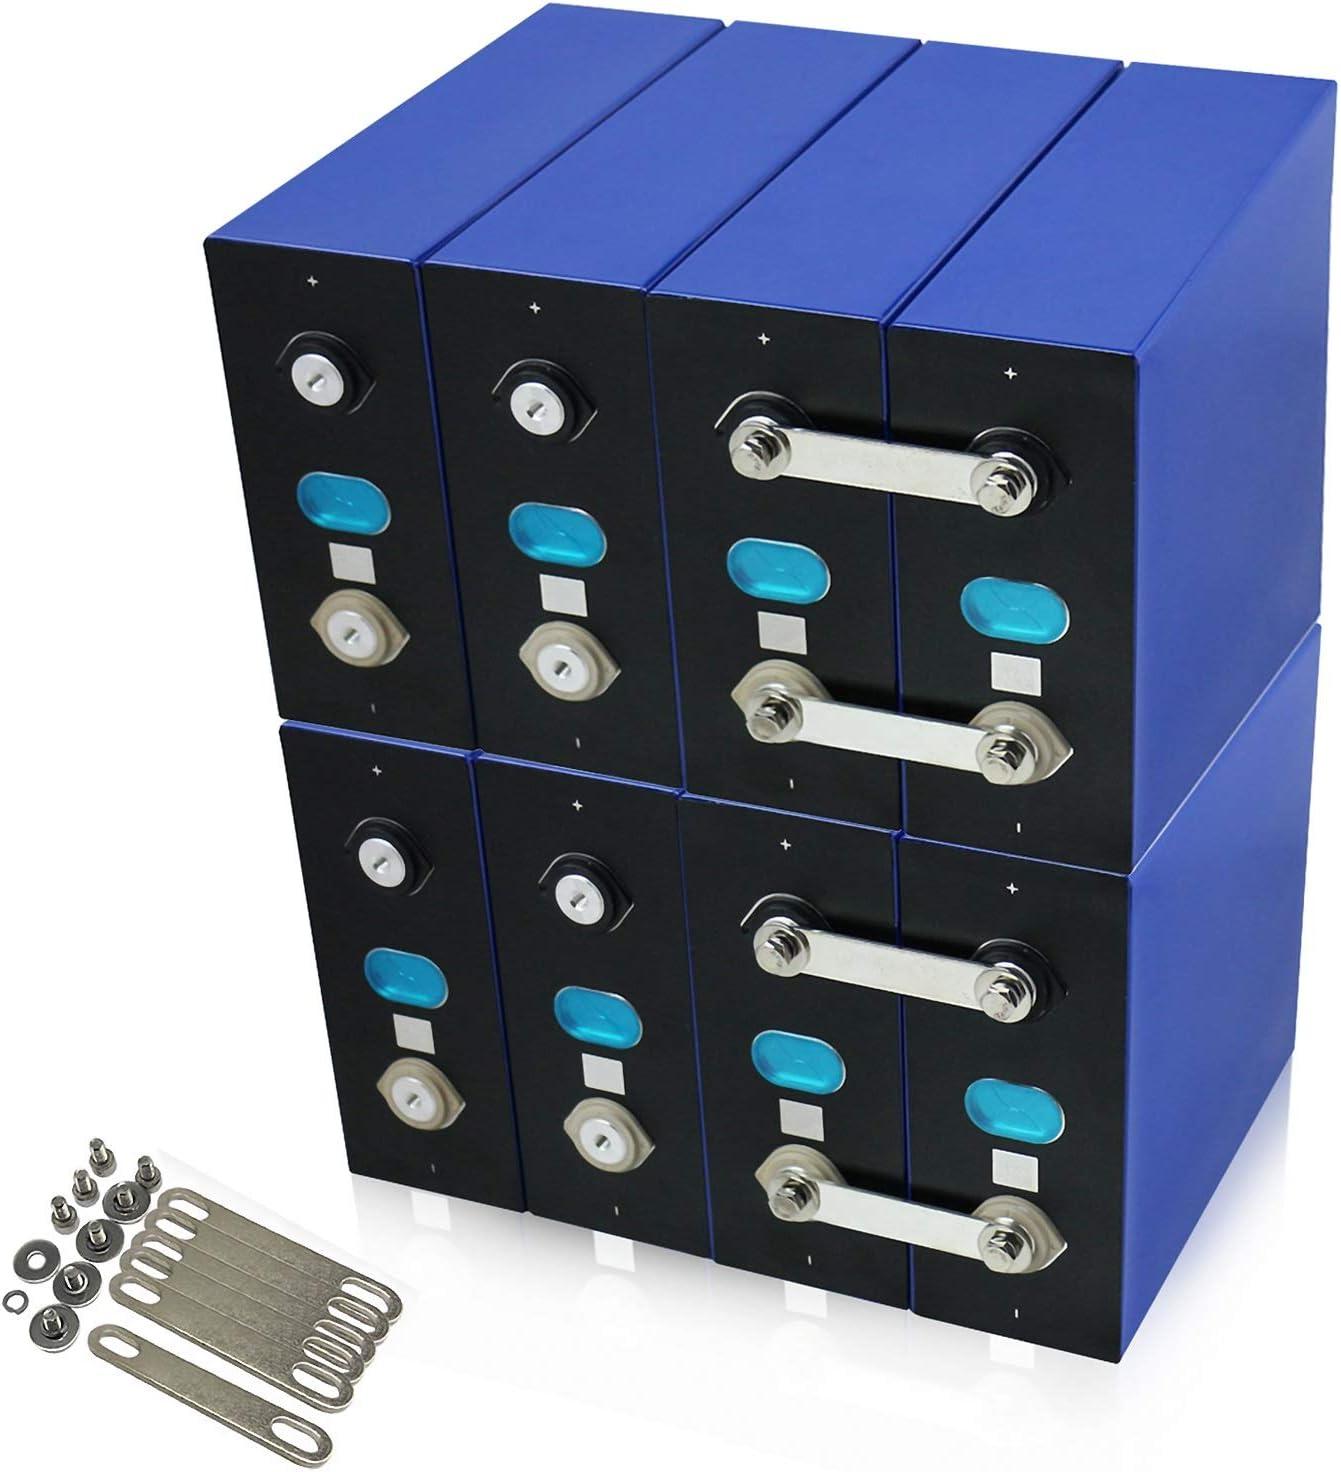 LeiQuanQuan Batería LiFePO4 8PCS LIFEPO4 3.2V 280AH Batería 12V 24V 48V Paquete de batería de Bricolaje Recargable para la Copia de Seguridad de la energía RV Energía de energía Solar